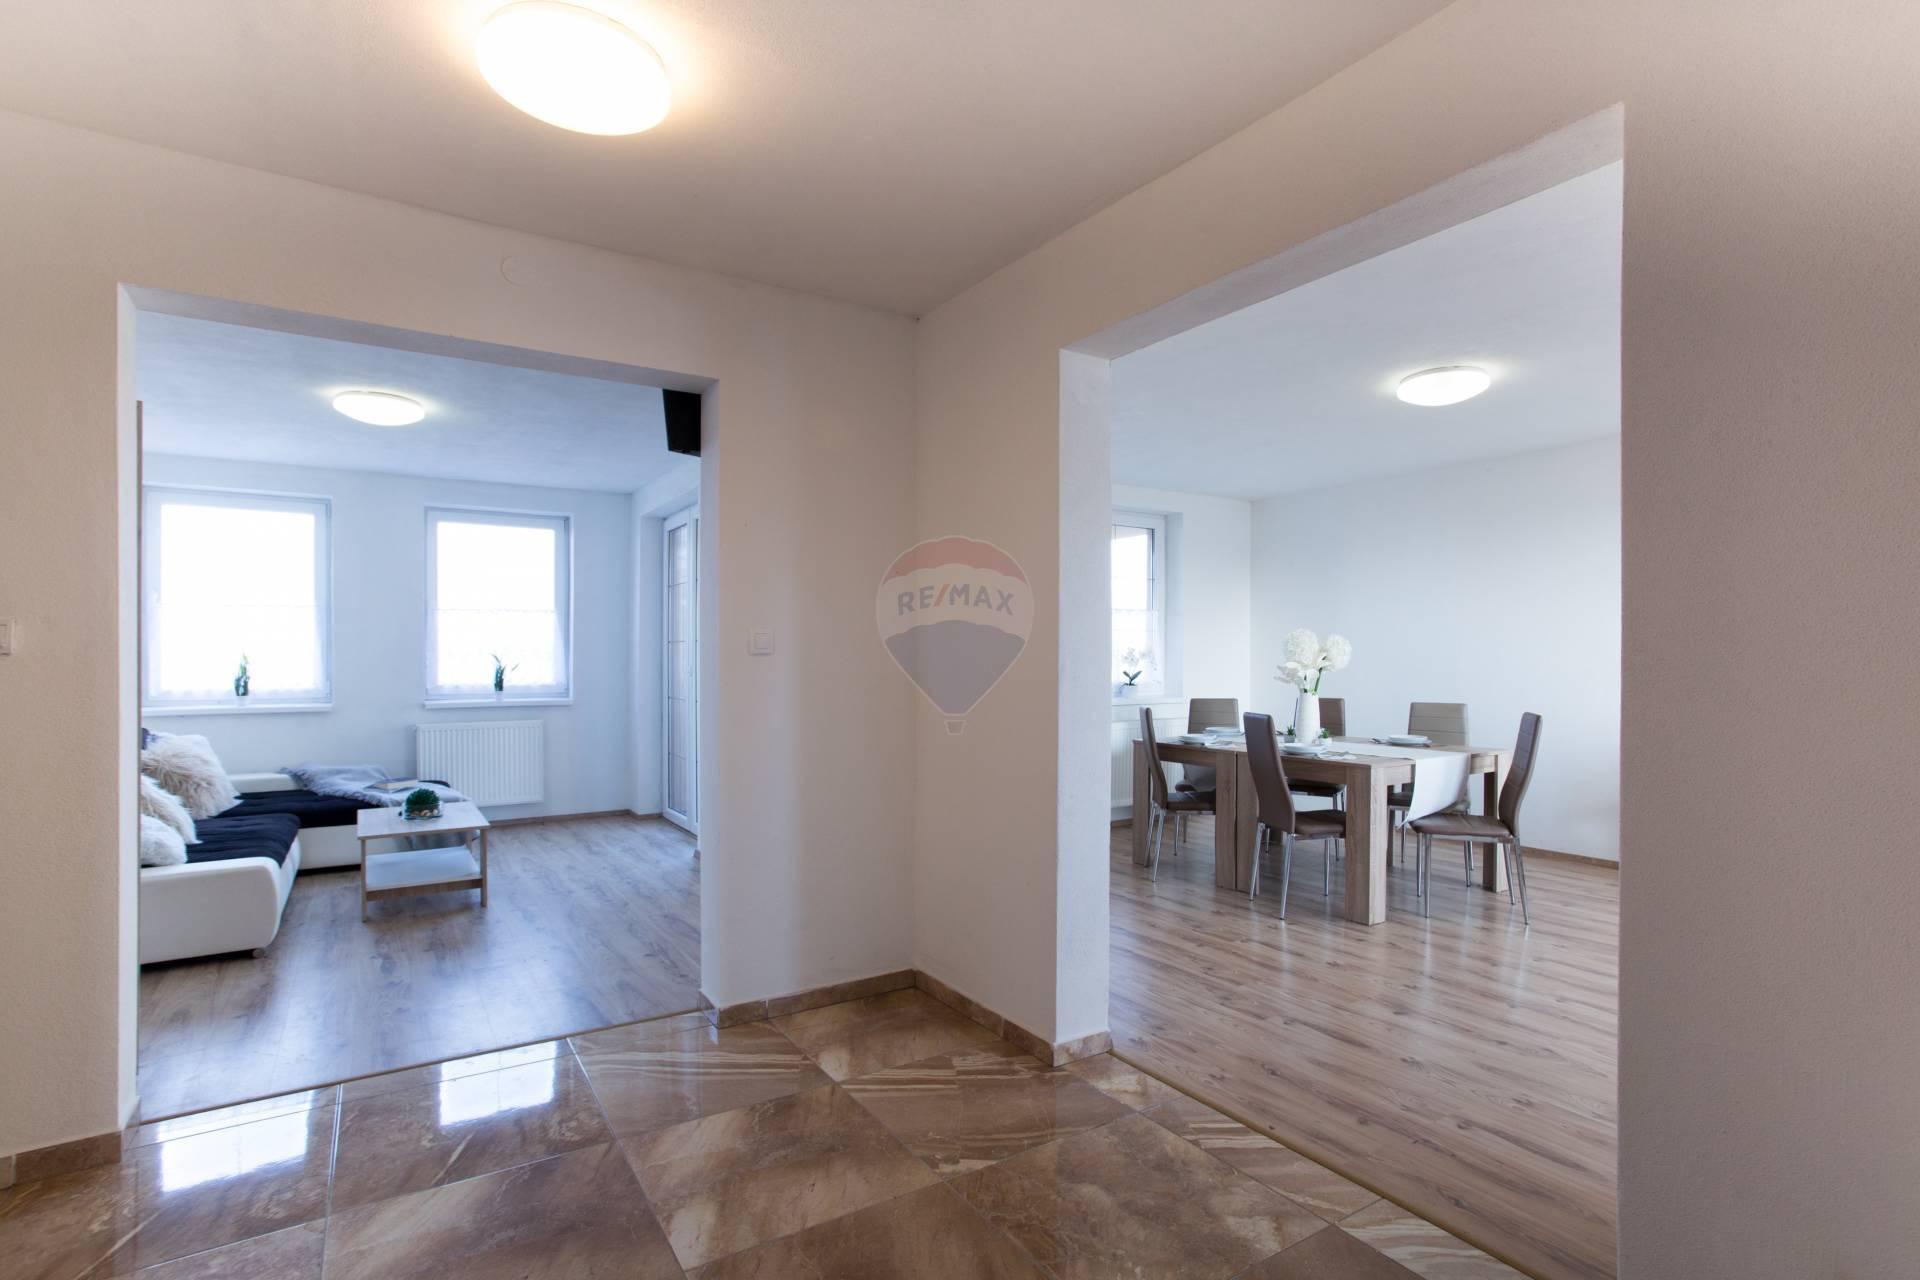 Prenájom domu 185 m2, Cabaj-Čápor - RD Cabaj-Capor prenajom